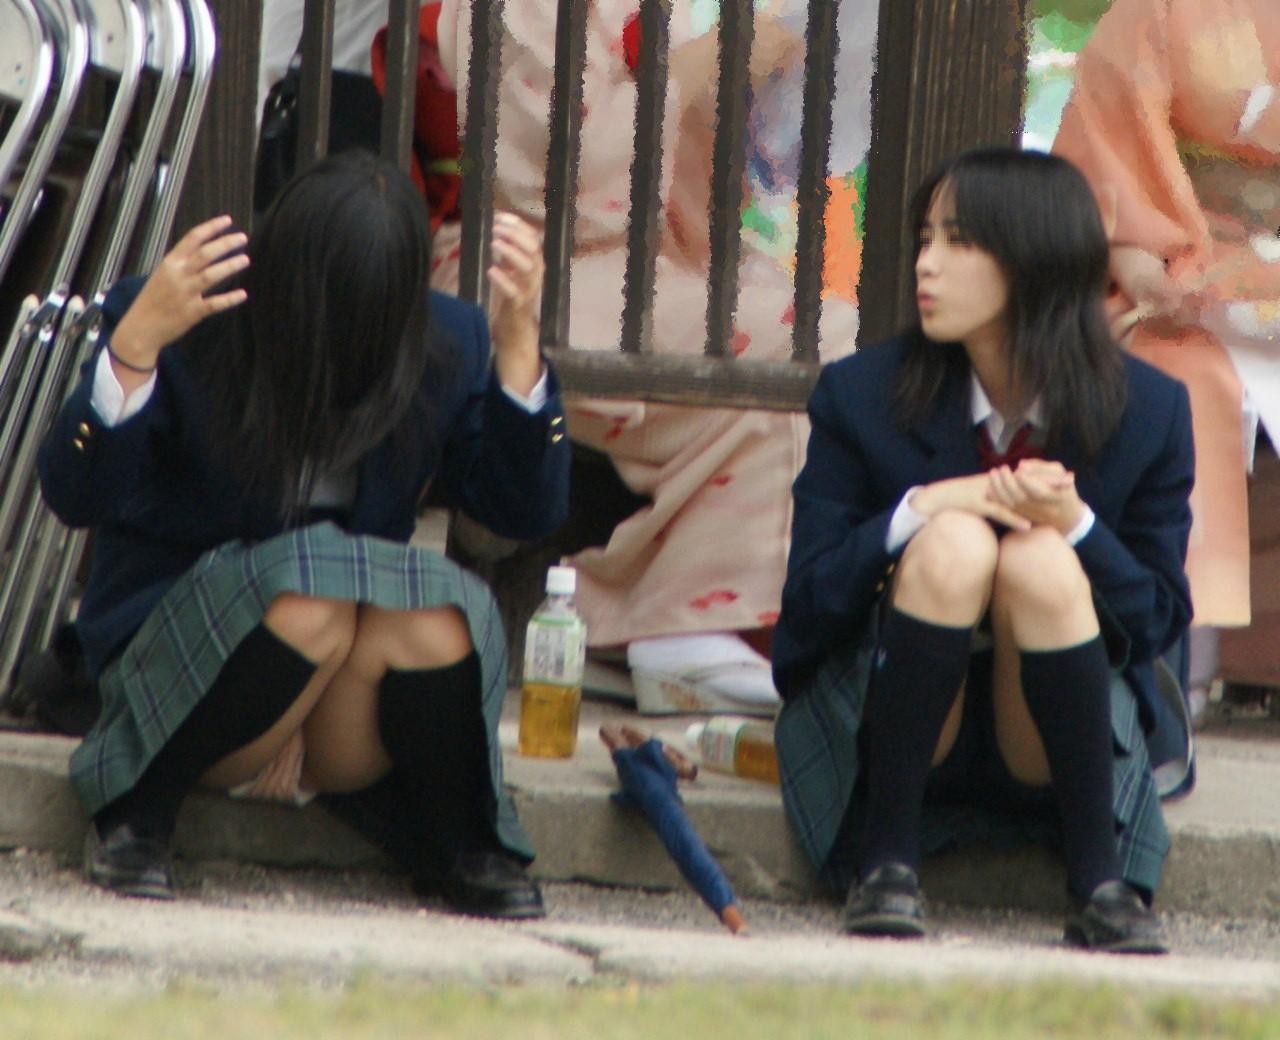 【JKパンチラエロ画像】パンチラは天然が一番!!街中で見かけた女子高生の自然なパンチラがめっさ興奮するwwww その7